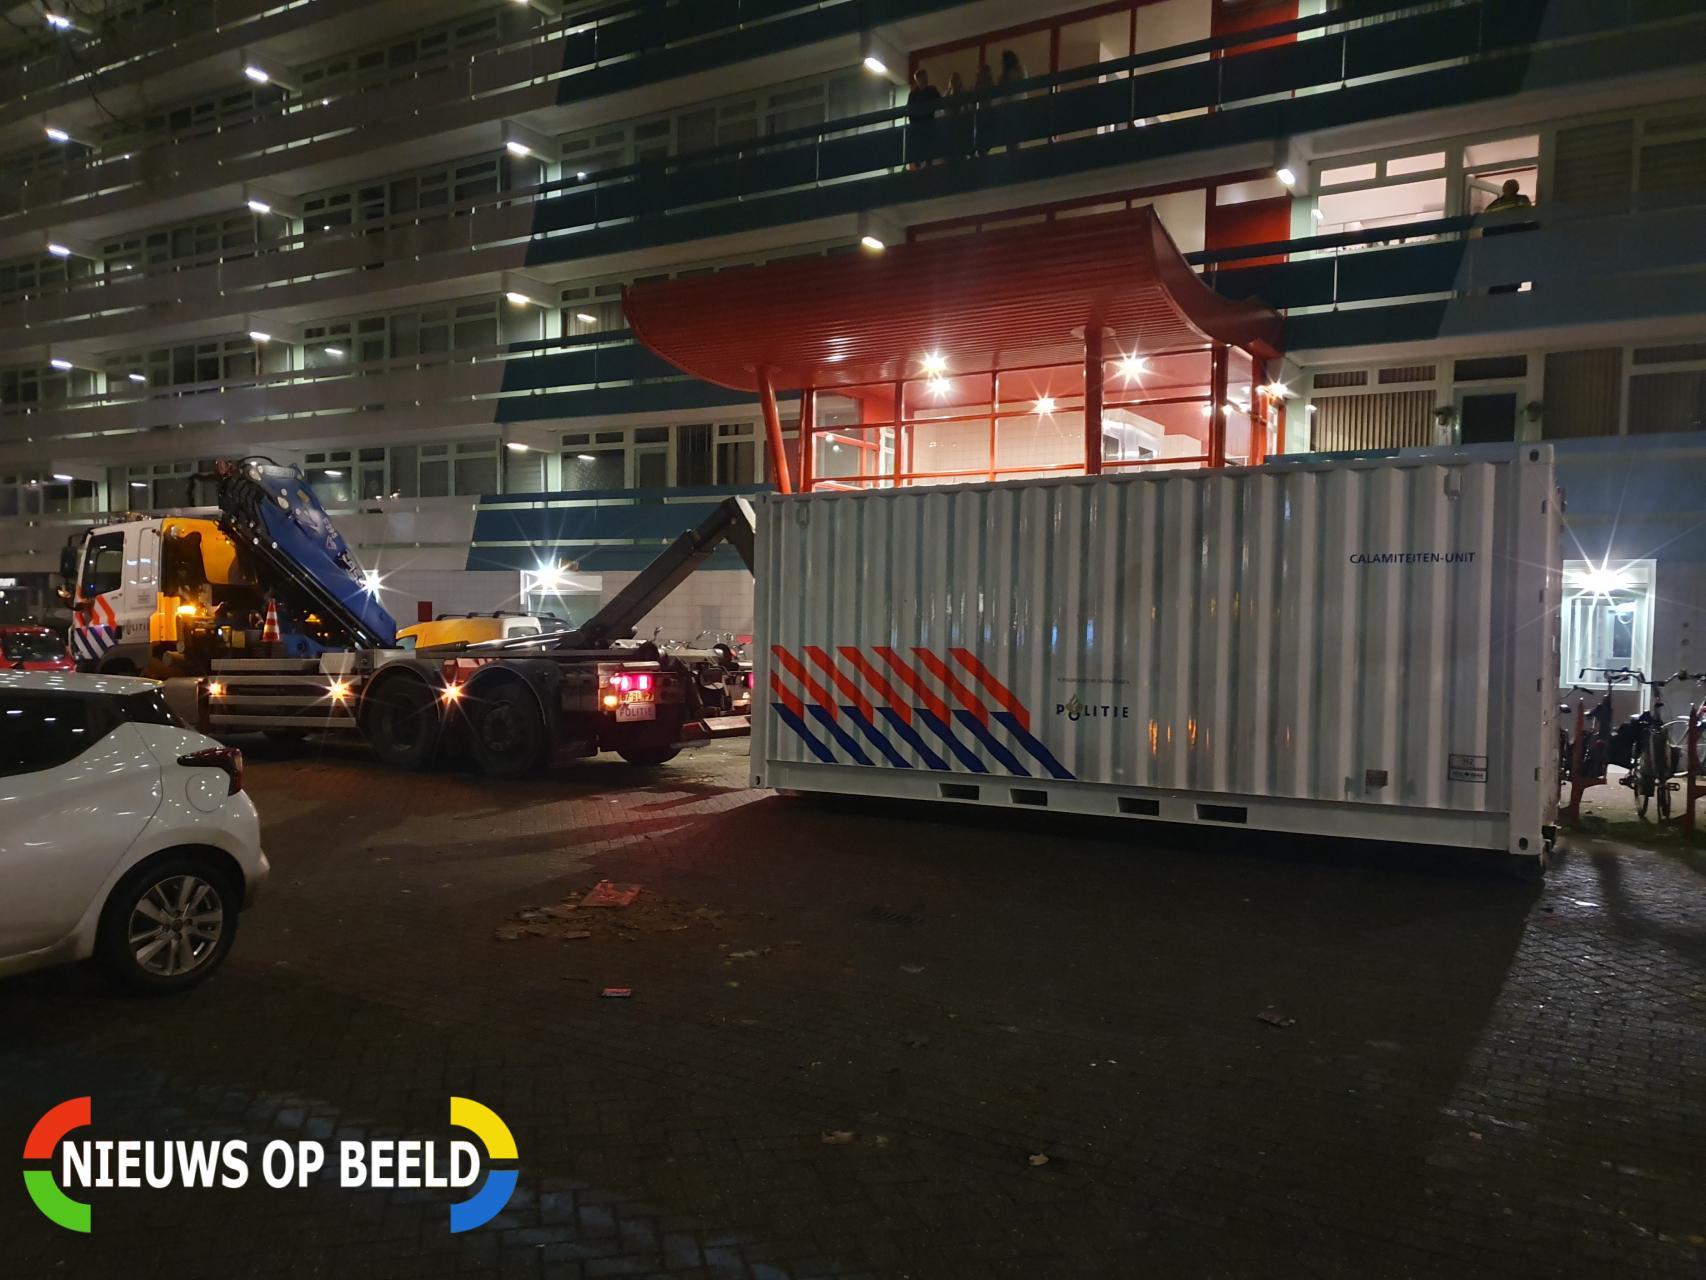 Overleden persoon onder flatgebouw aangetroffen Van Leeuwenhoeklaan Zoetermeer